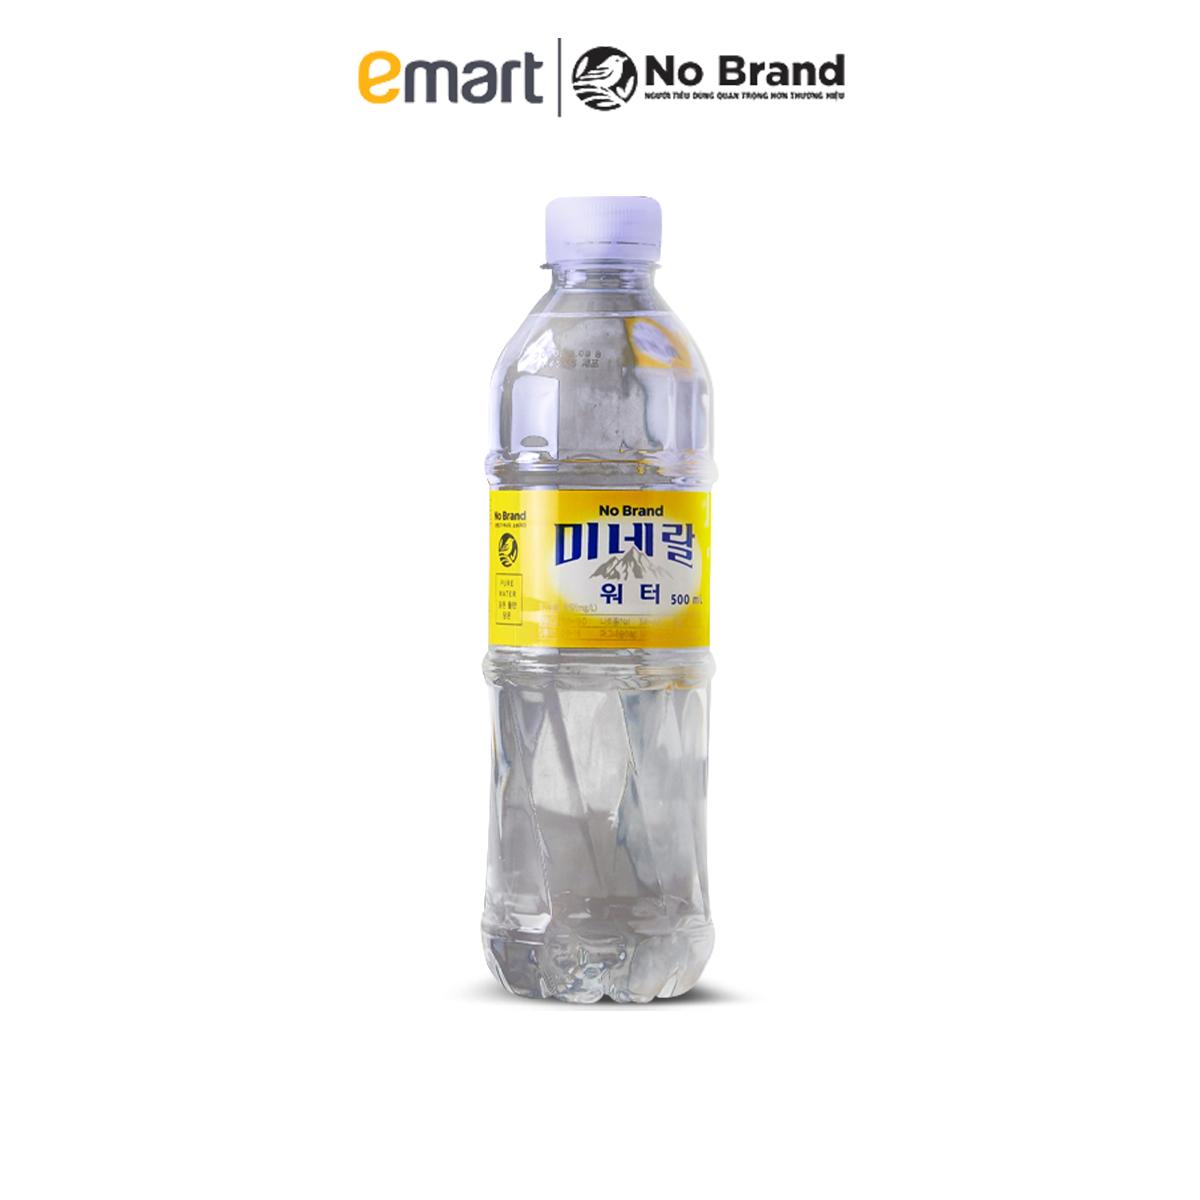 Nước Khoáng Thiên Nhiên No Brand Chai 500ml – Emart VN